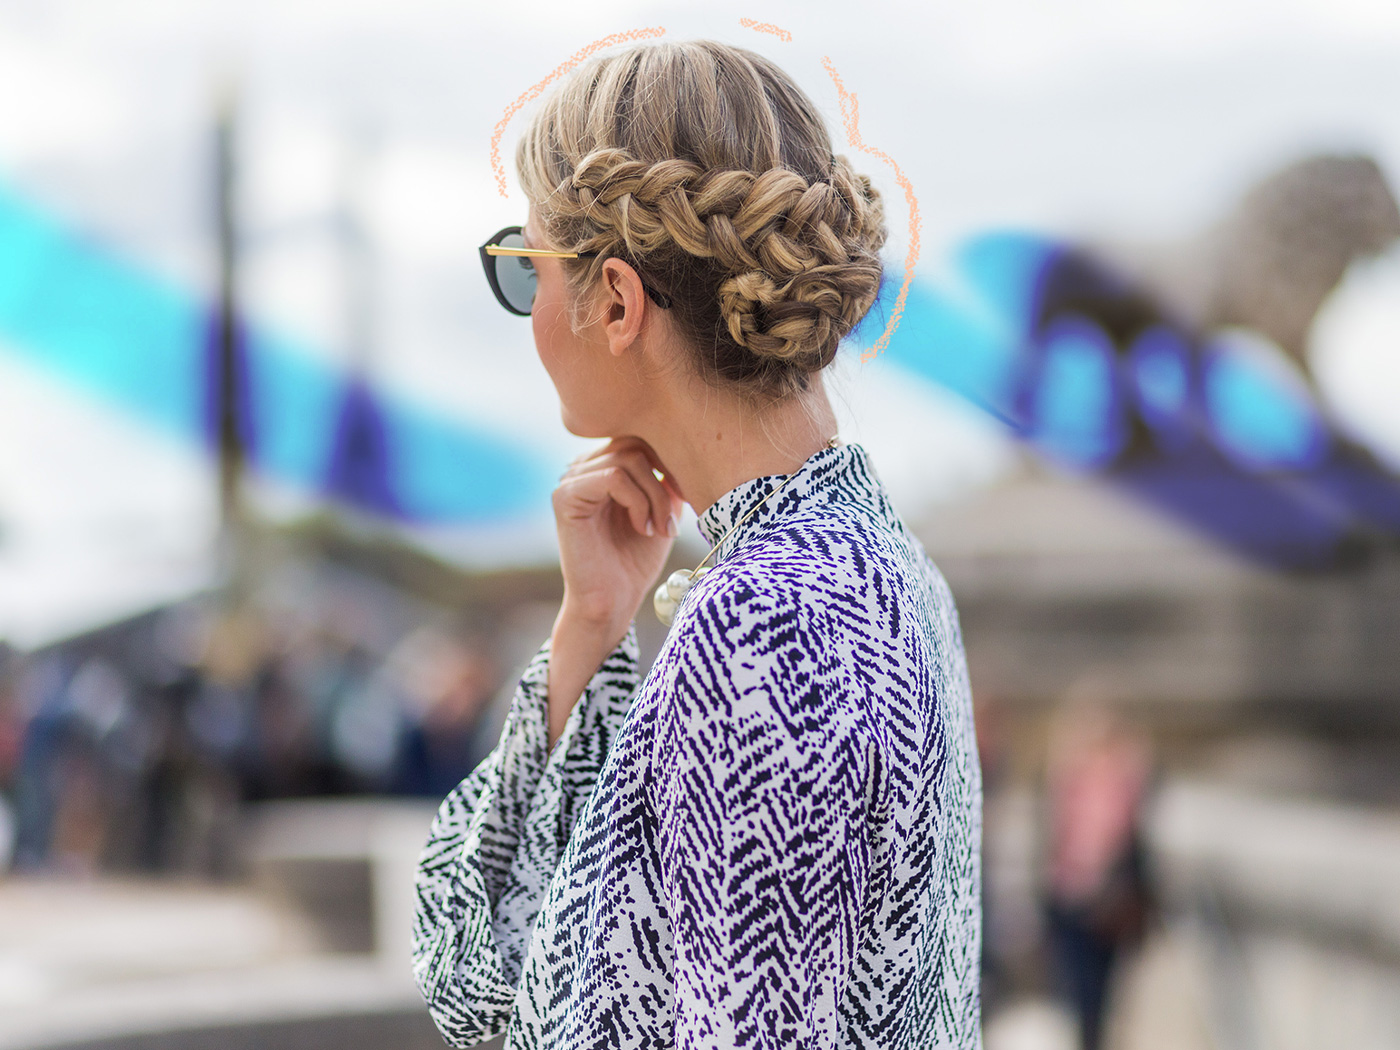 Καλοκαίρι σημαίνει πλεξίδες στα μαλλιά! 5 video tutorial για να μάθεις να τις κάνεις